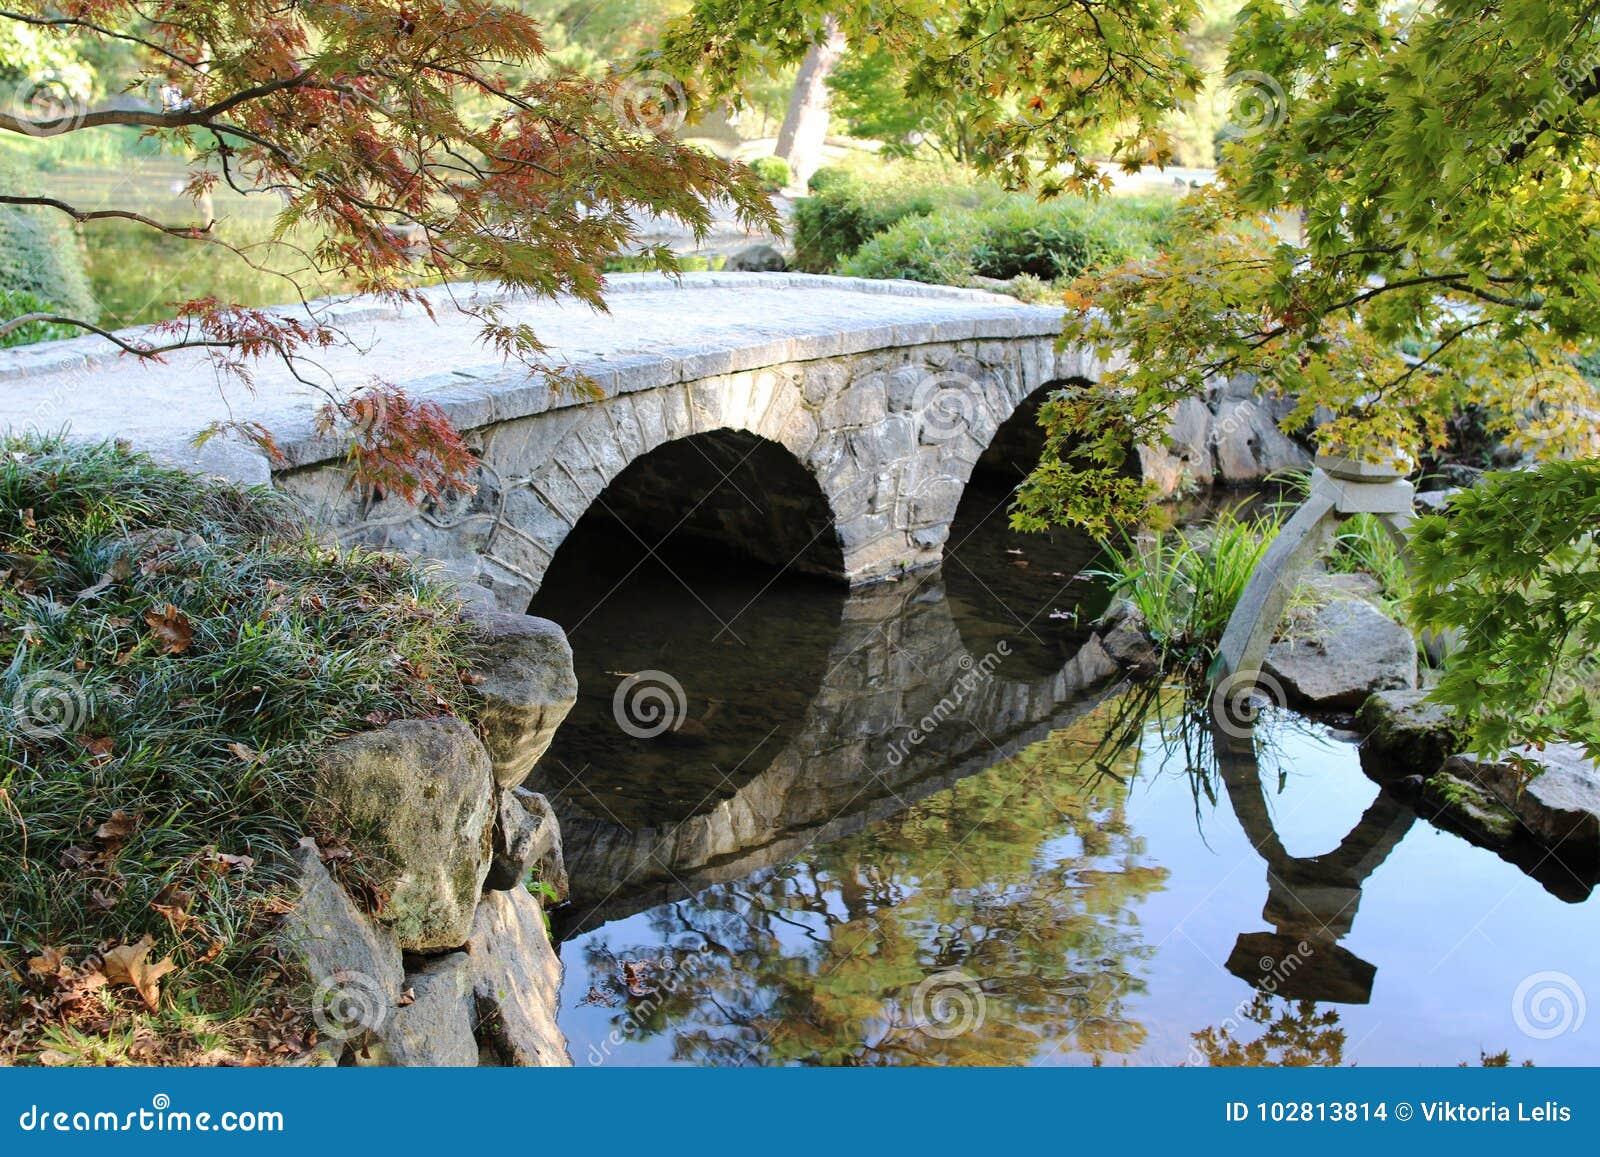 Download A Japanese Garden Stock Photo. Image Of Bridge, Garden   102813814